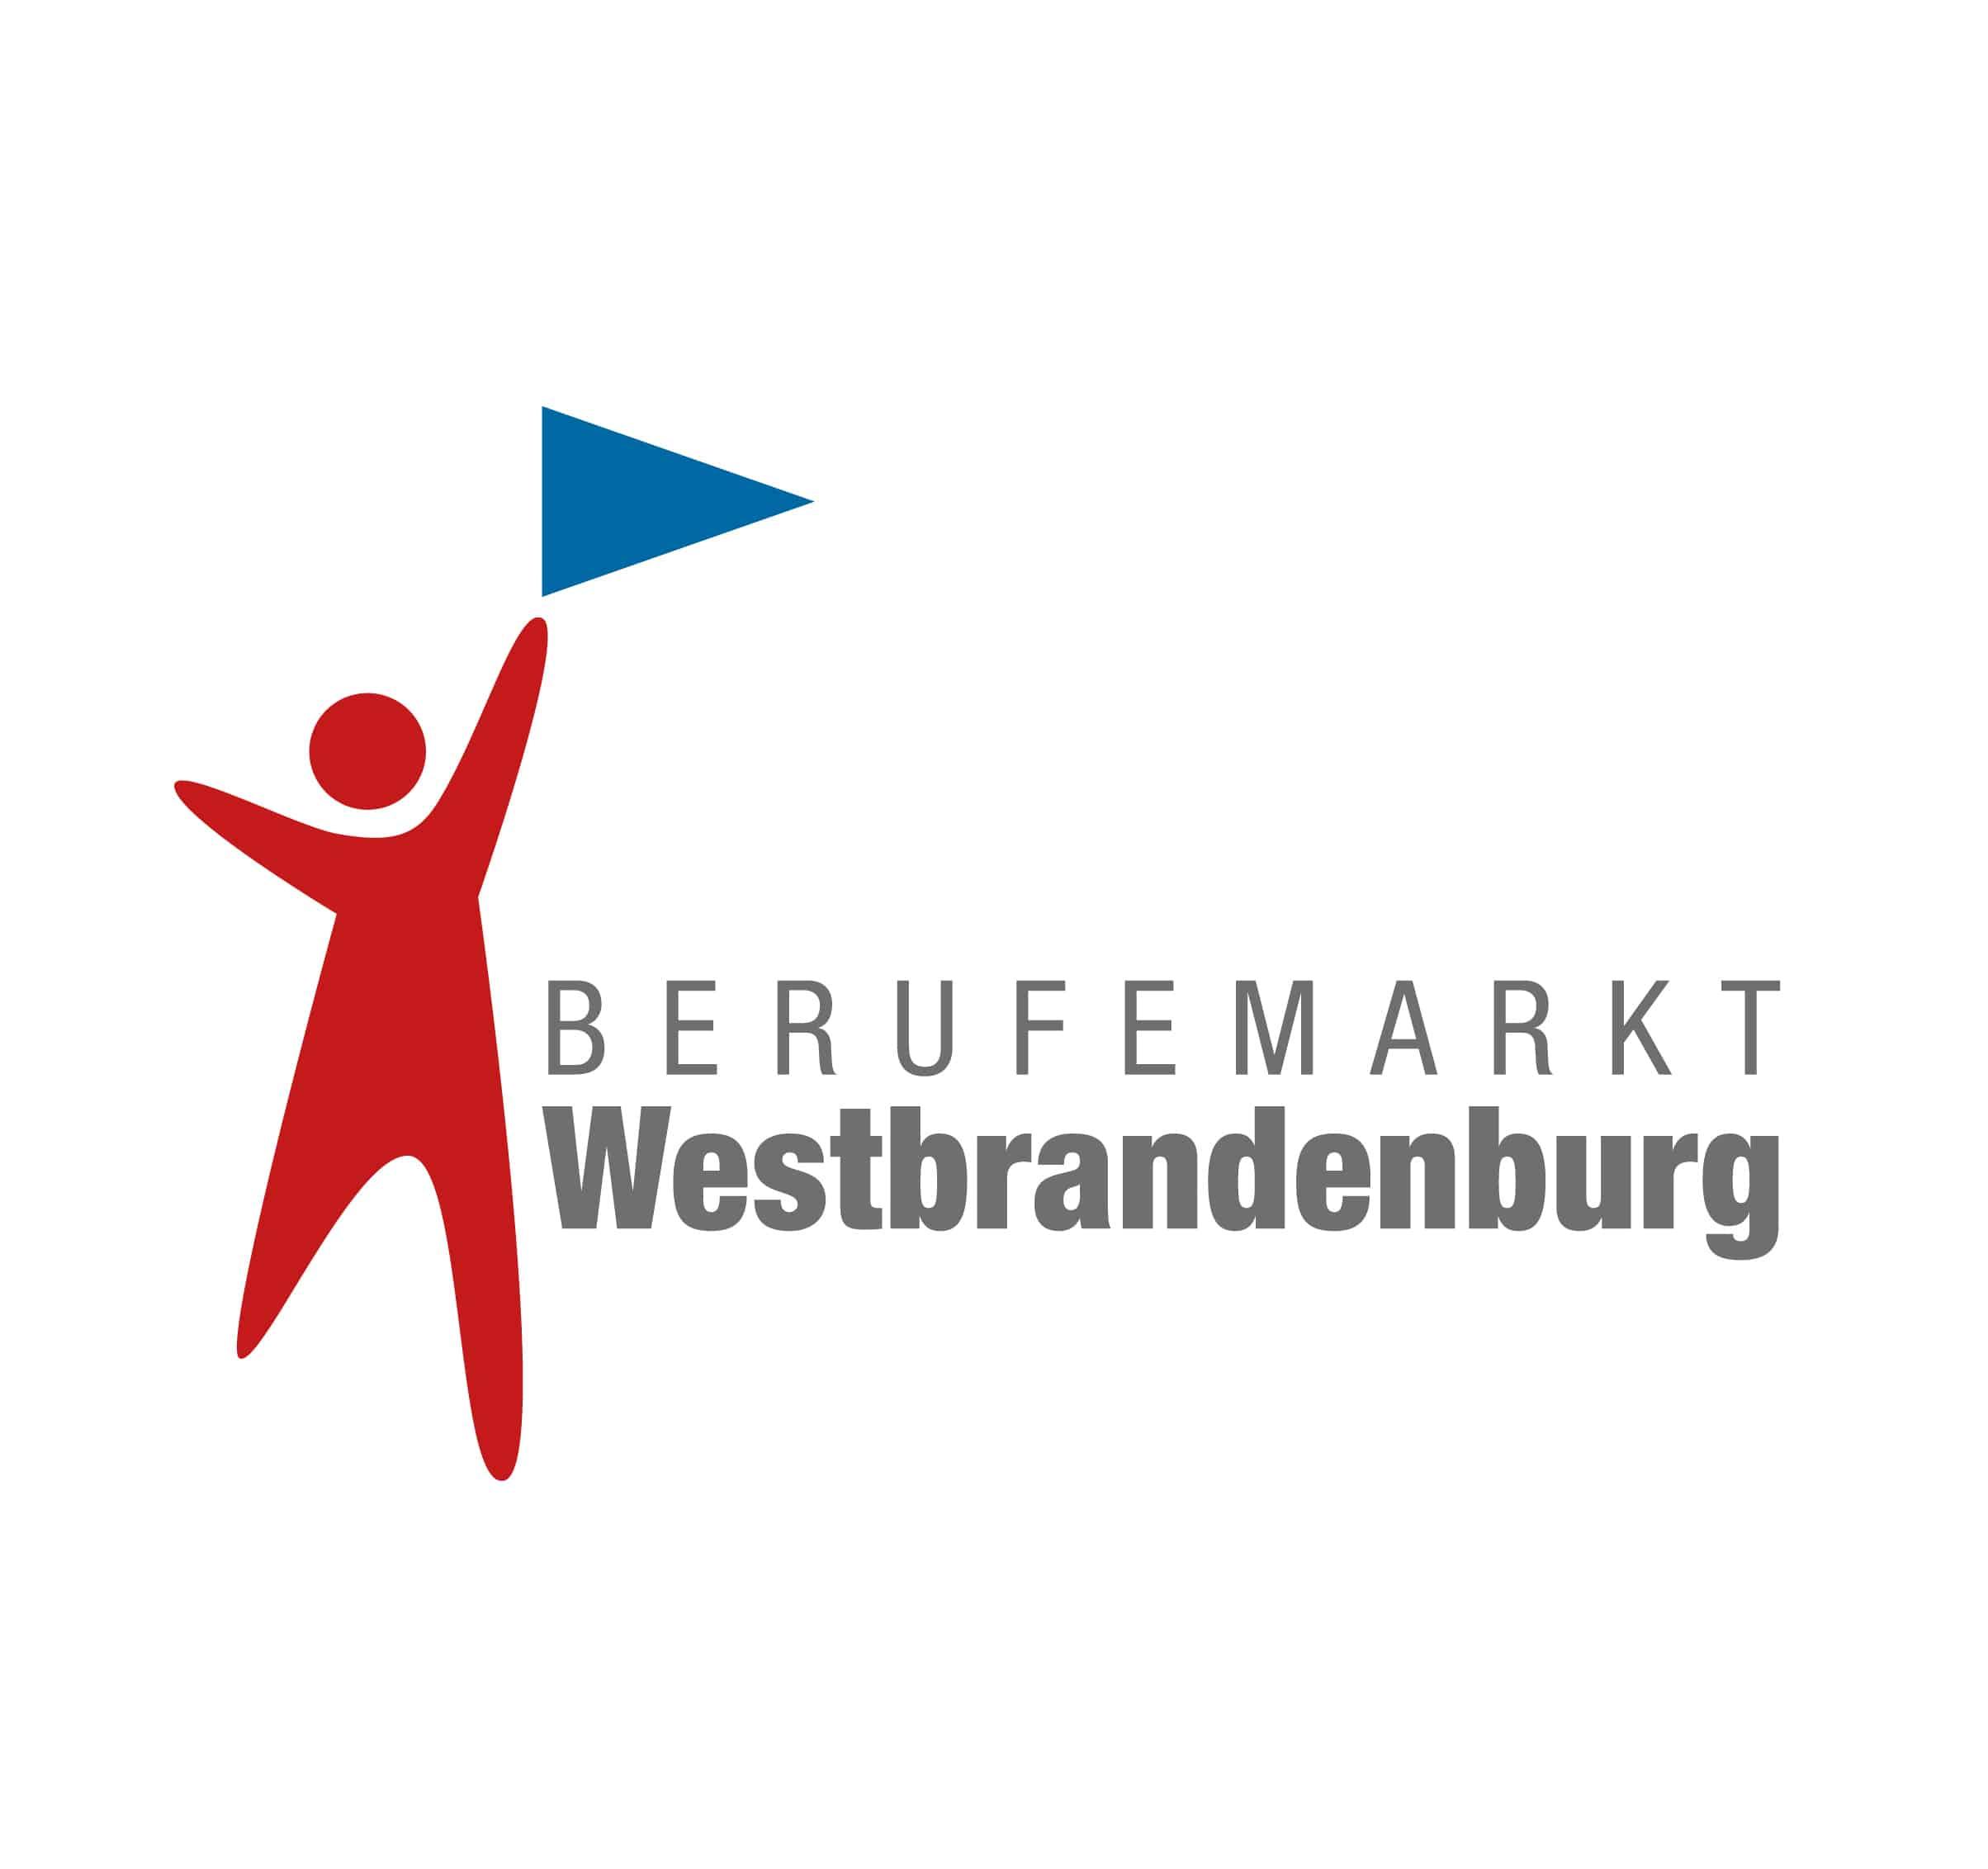 Berufemarkt Logo_c_Wirtschaftsregion Westbrandenburg